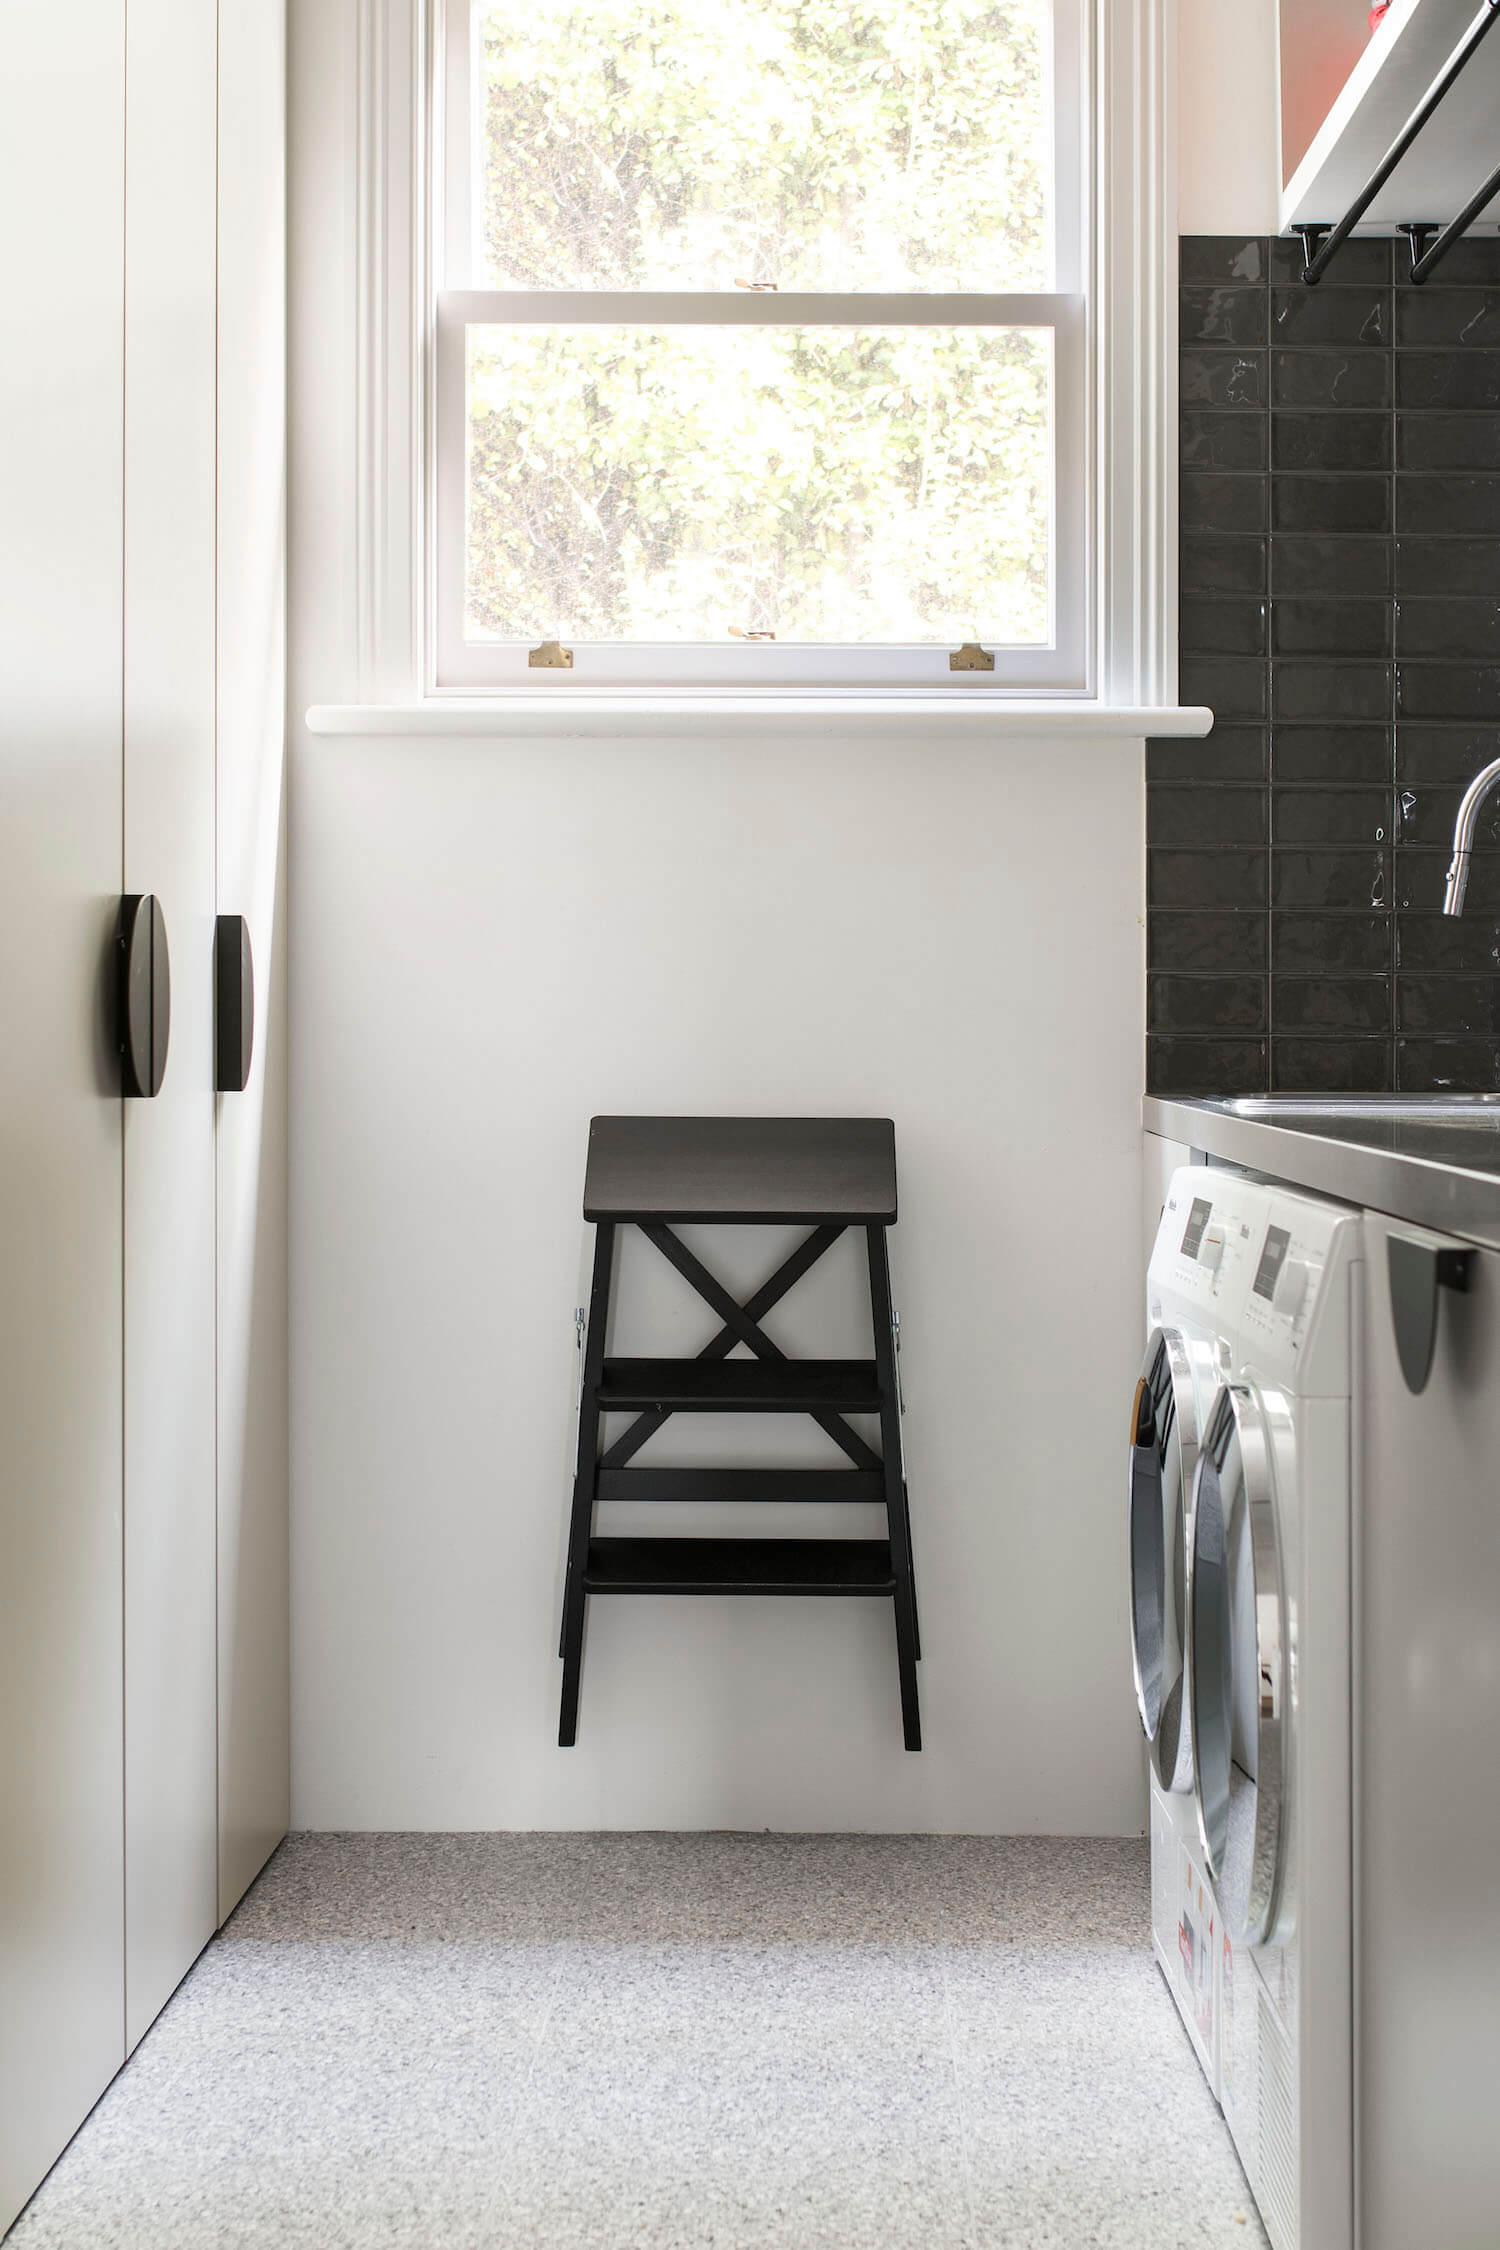 est living australian interiors cjh design rosebery home 19